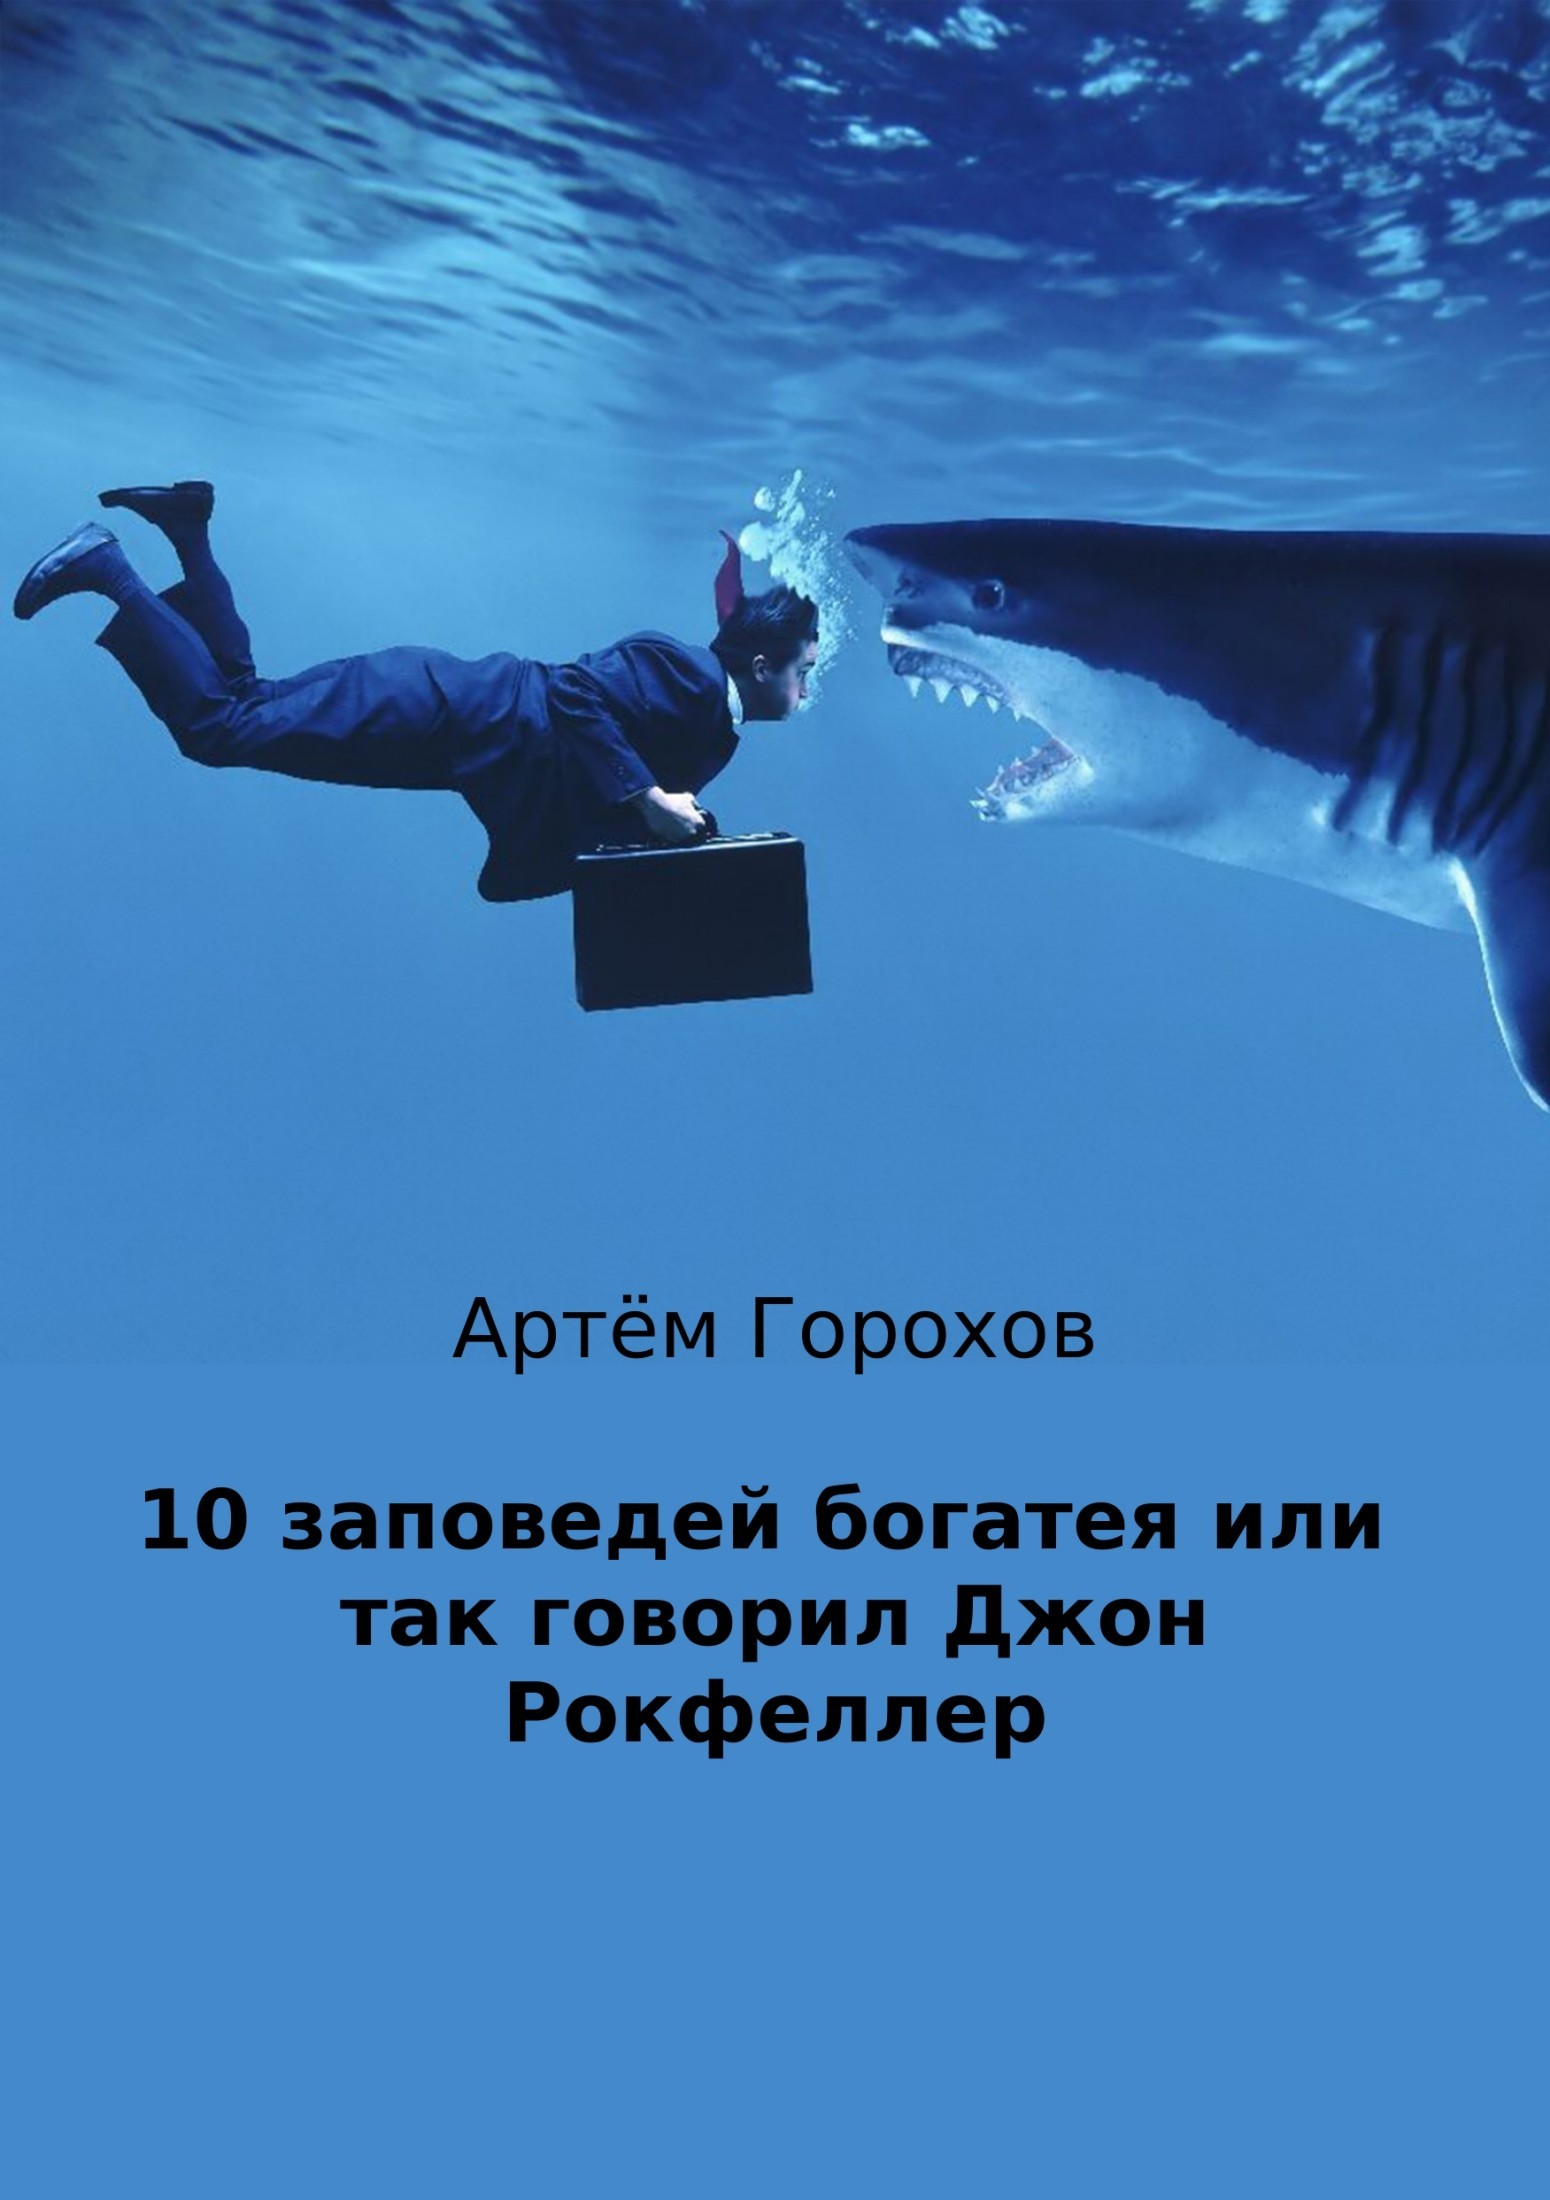 Обложка книги. Автор - Артём Горохов